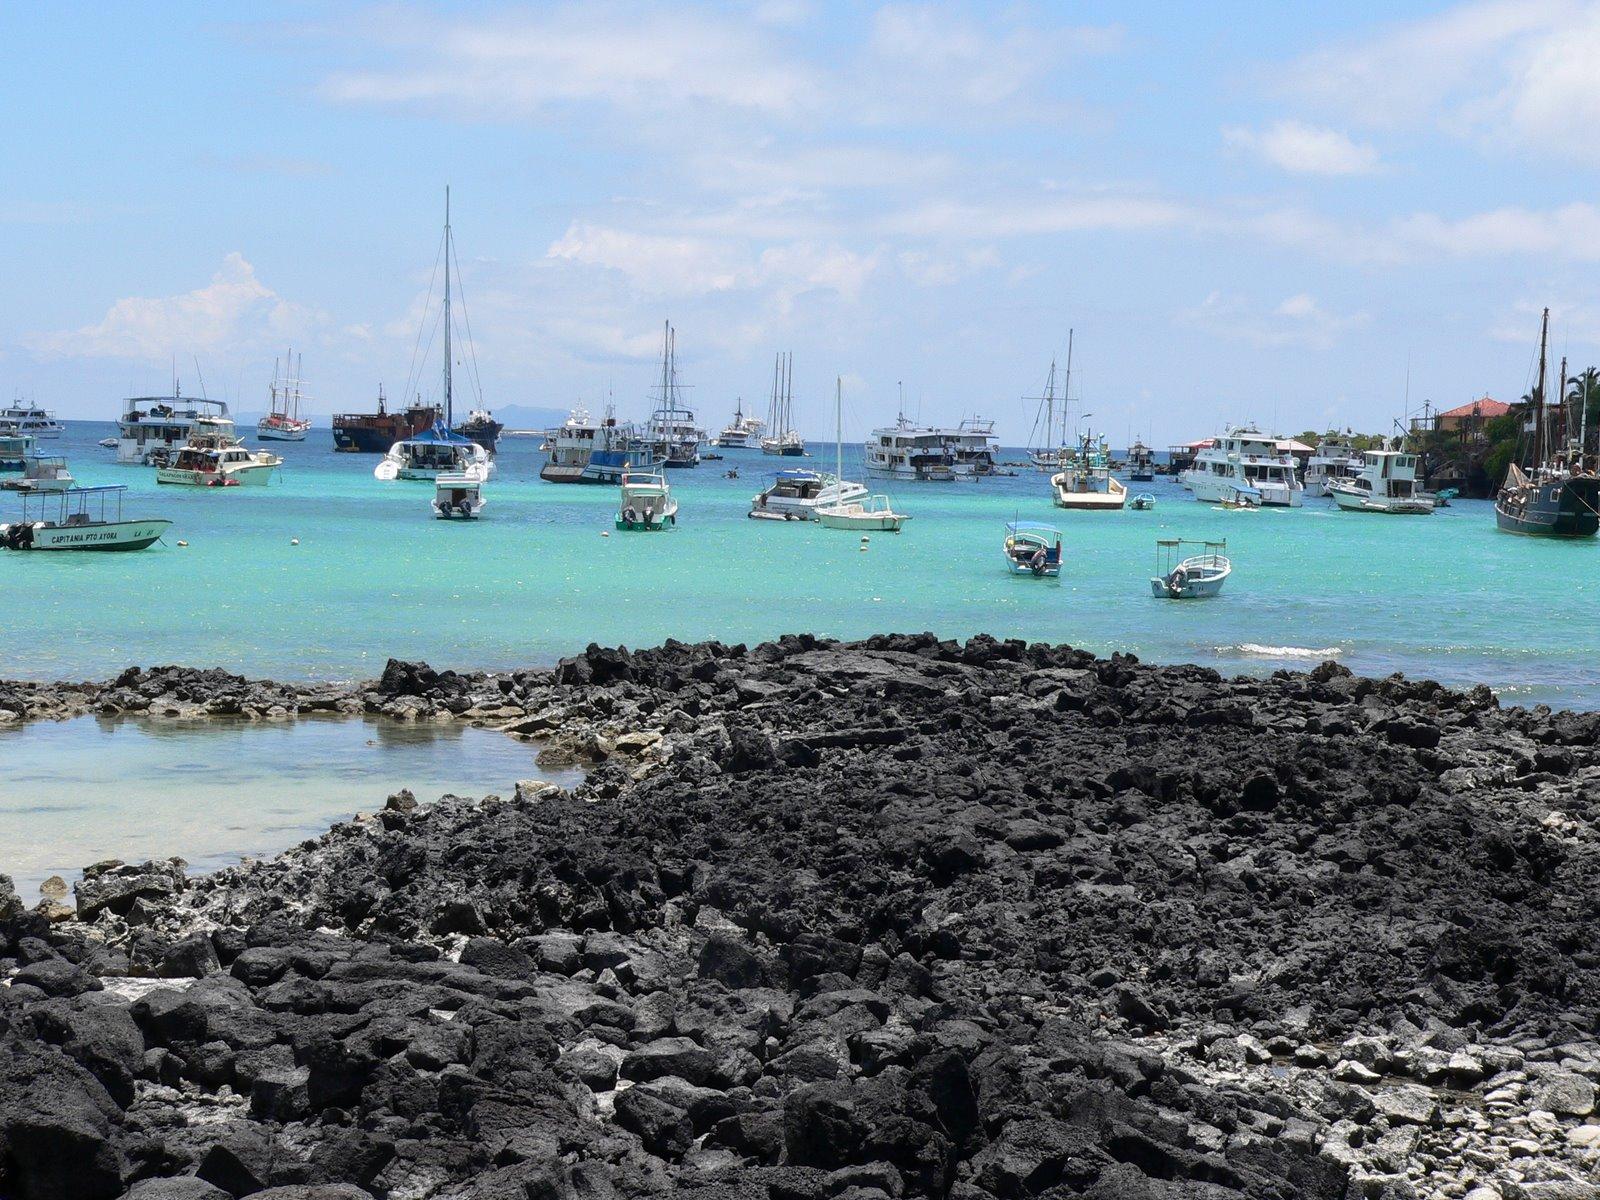 Lugares tur sticos del ecuador las islas gal pagos for Donde queda santa cruz